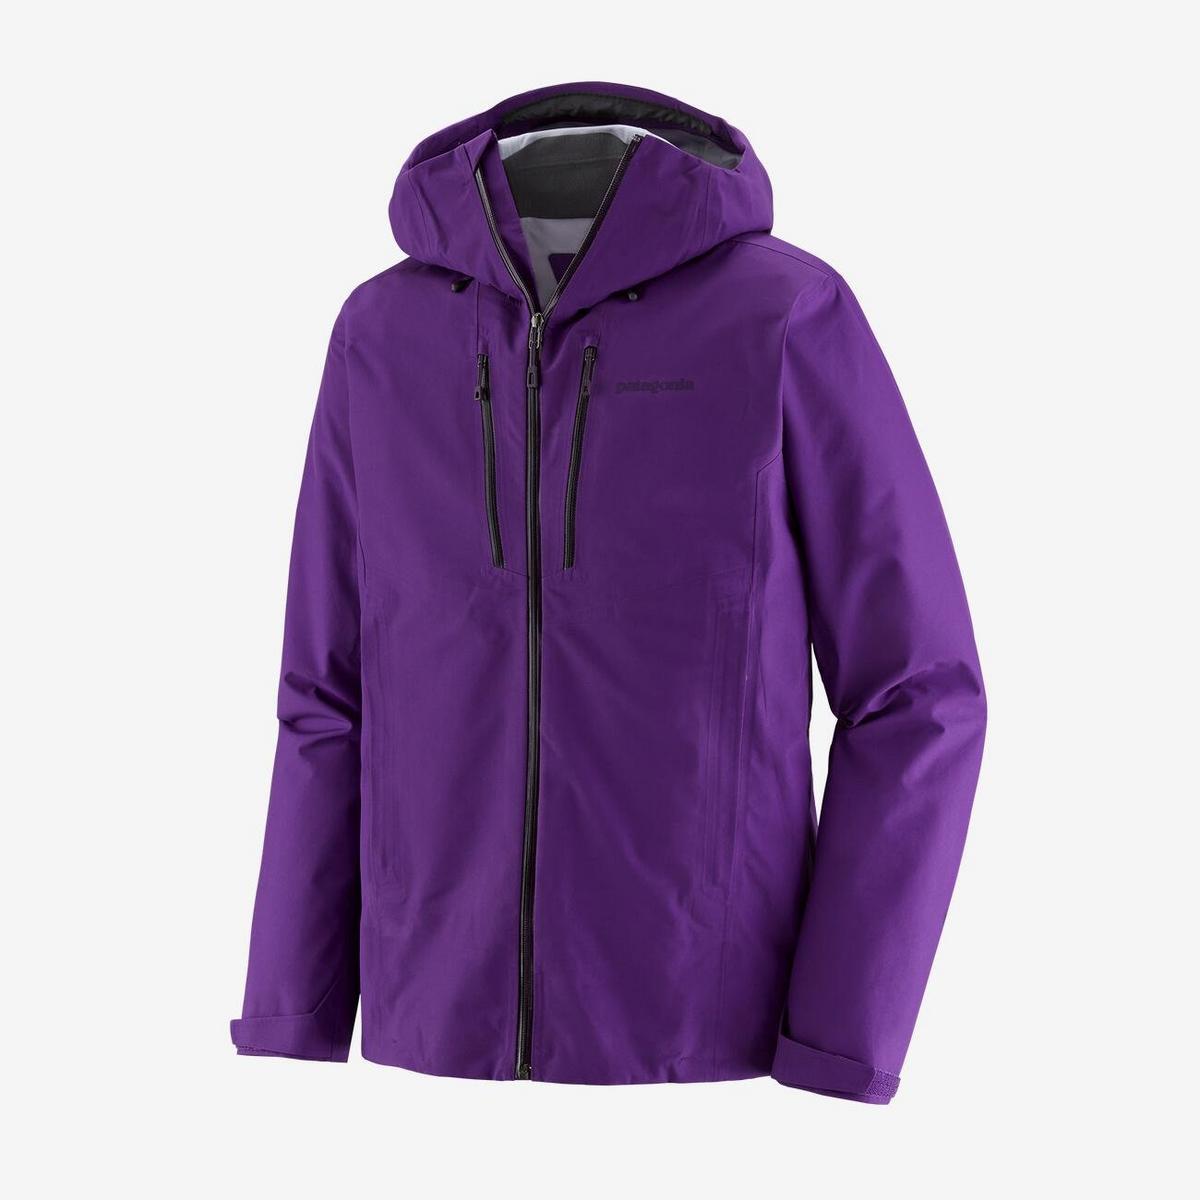 Patagonia Men's Patagonia Triolet Waterproof Jacket - Purple